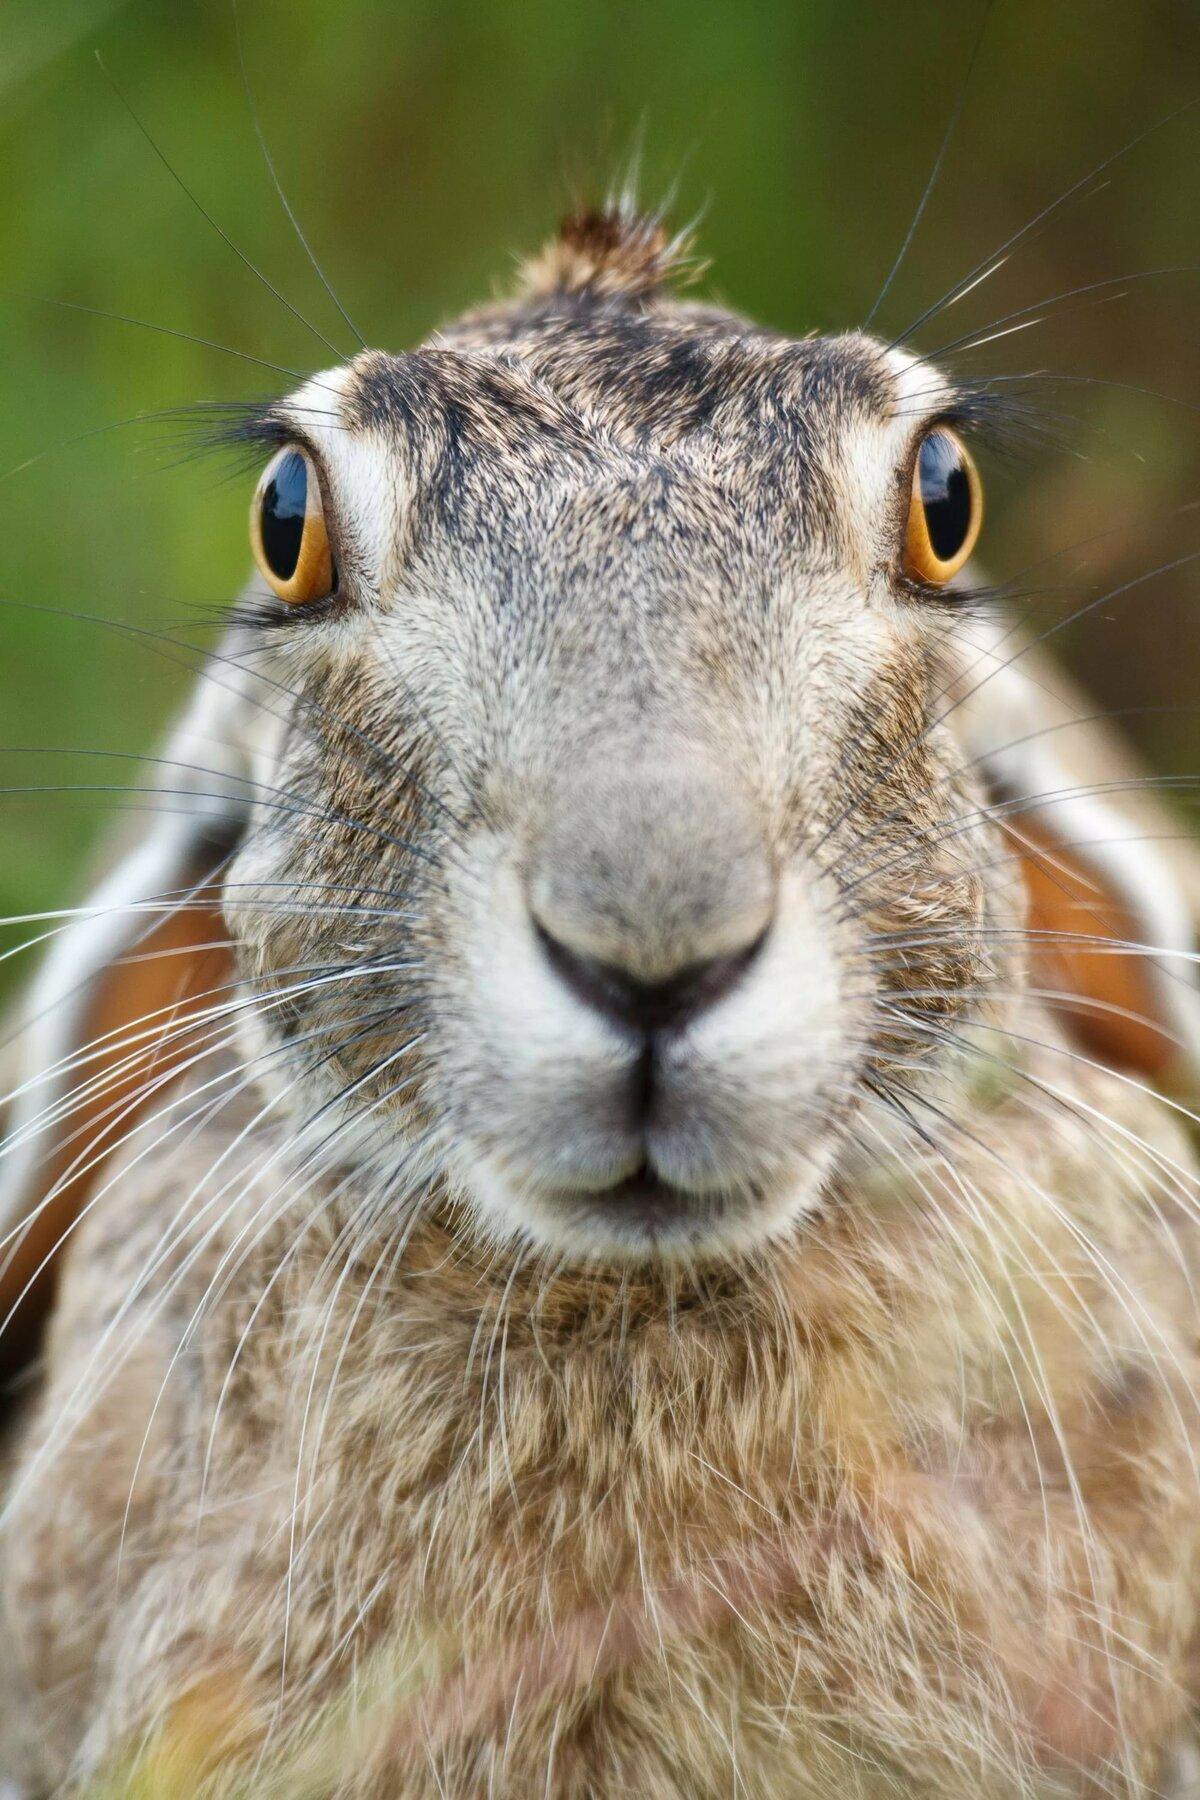 диваны зайцы кролики прикольные картинки молодняк